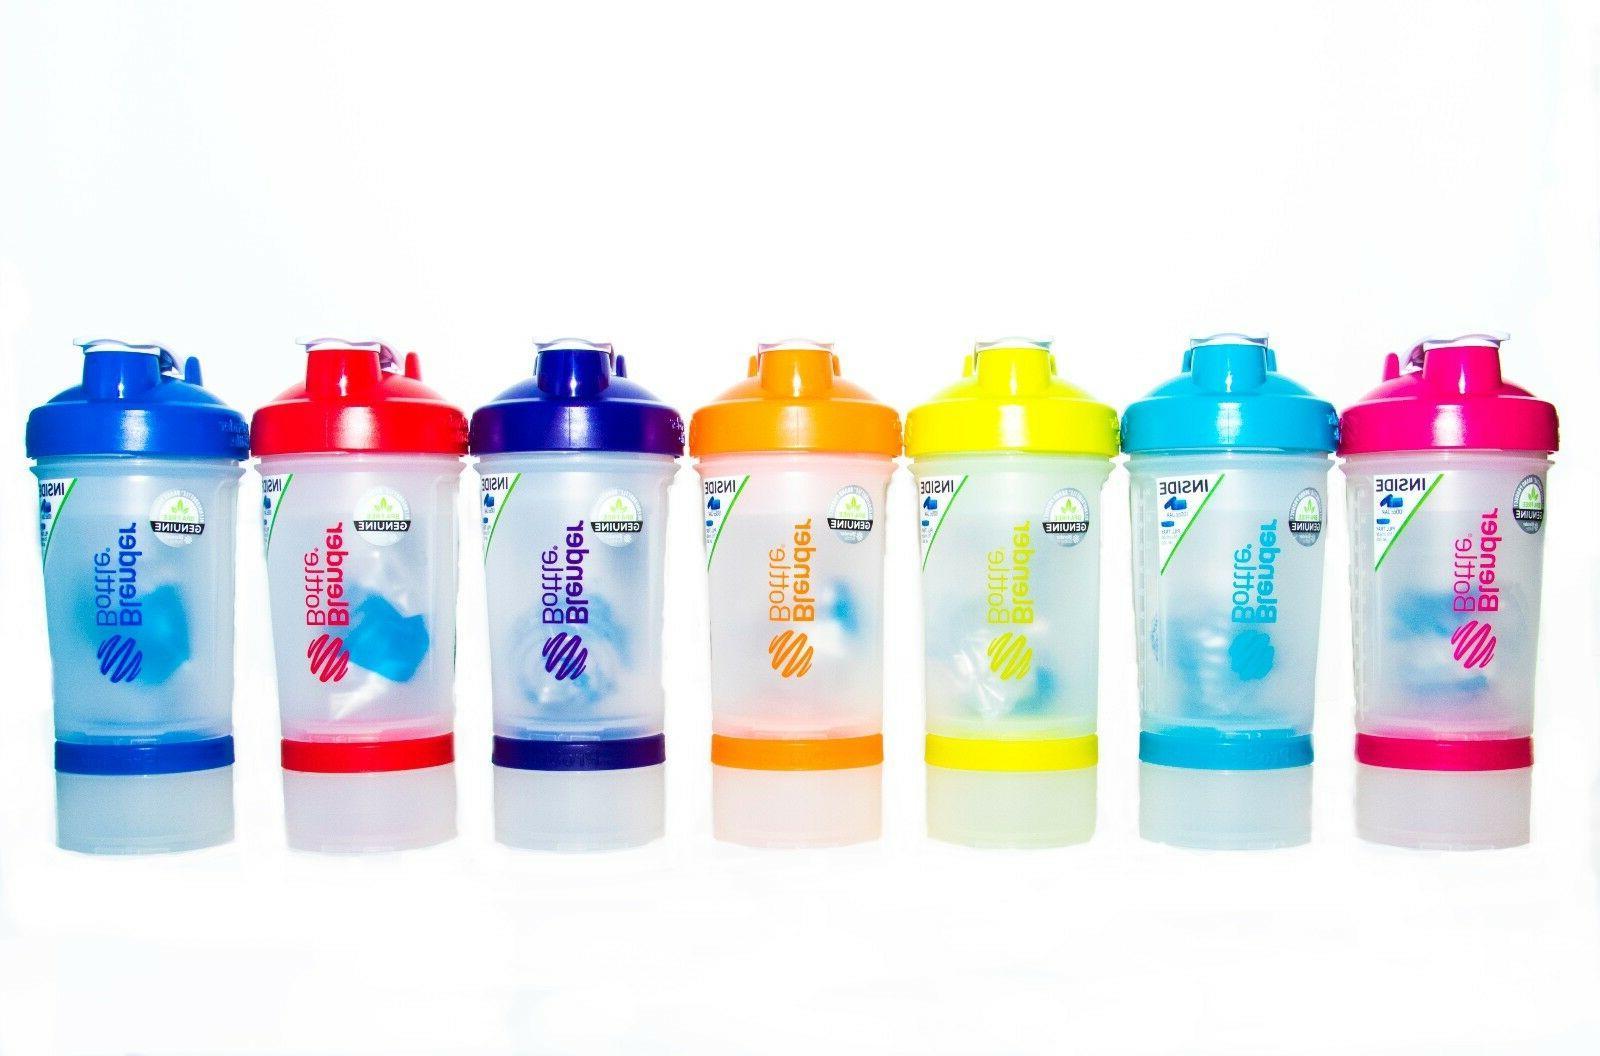 BlenderBottle ProStak 22 oz Shaker Blender Bottle Mixer Cup